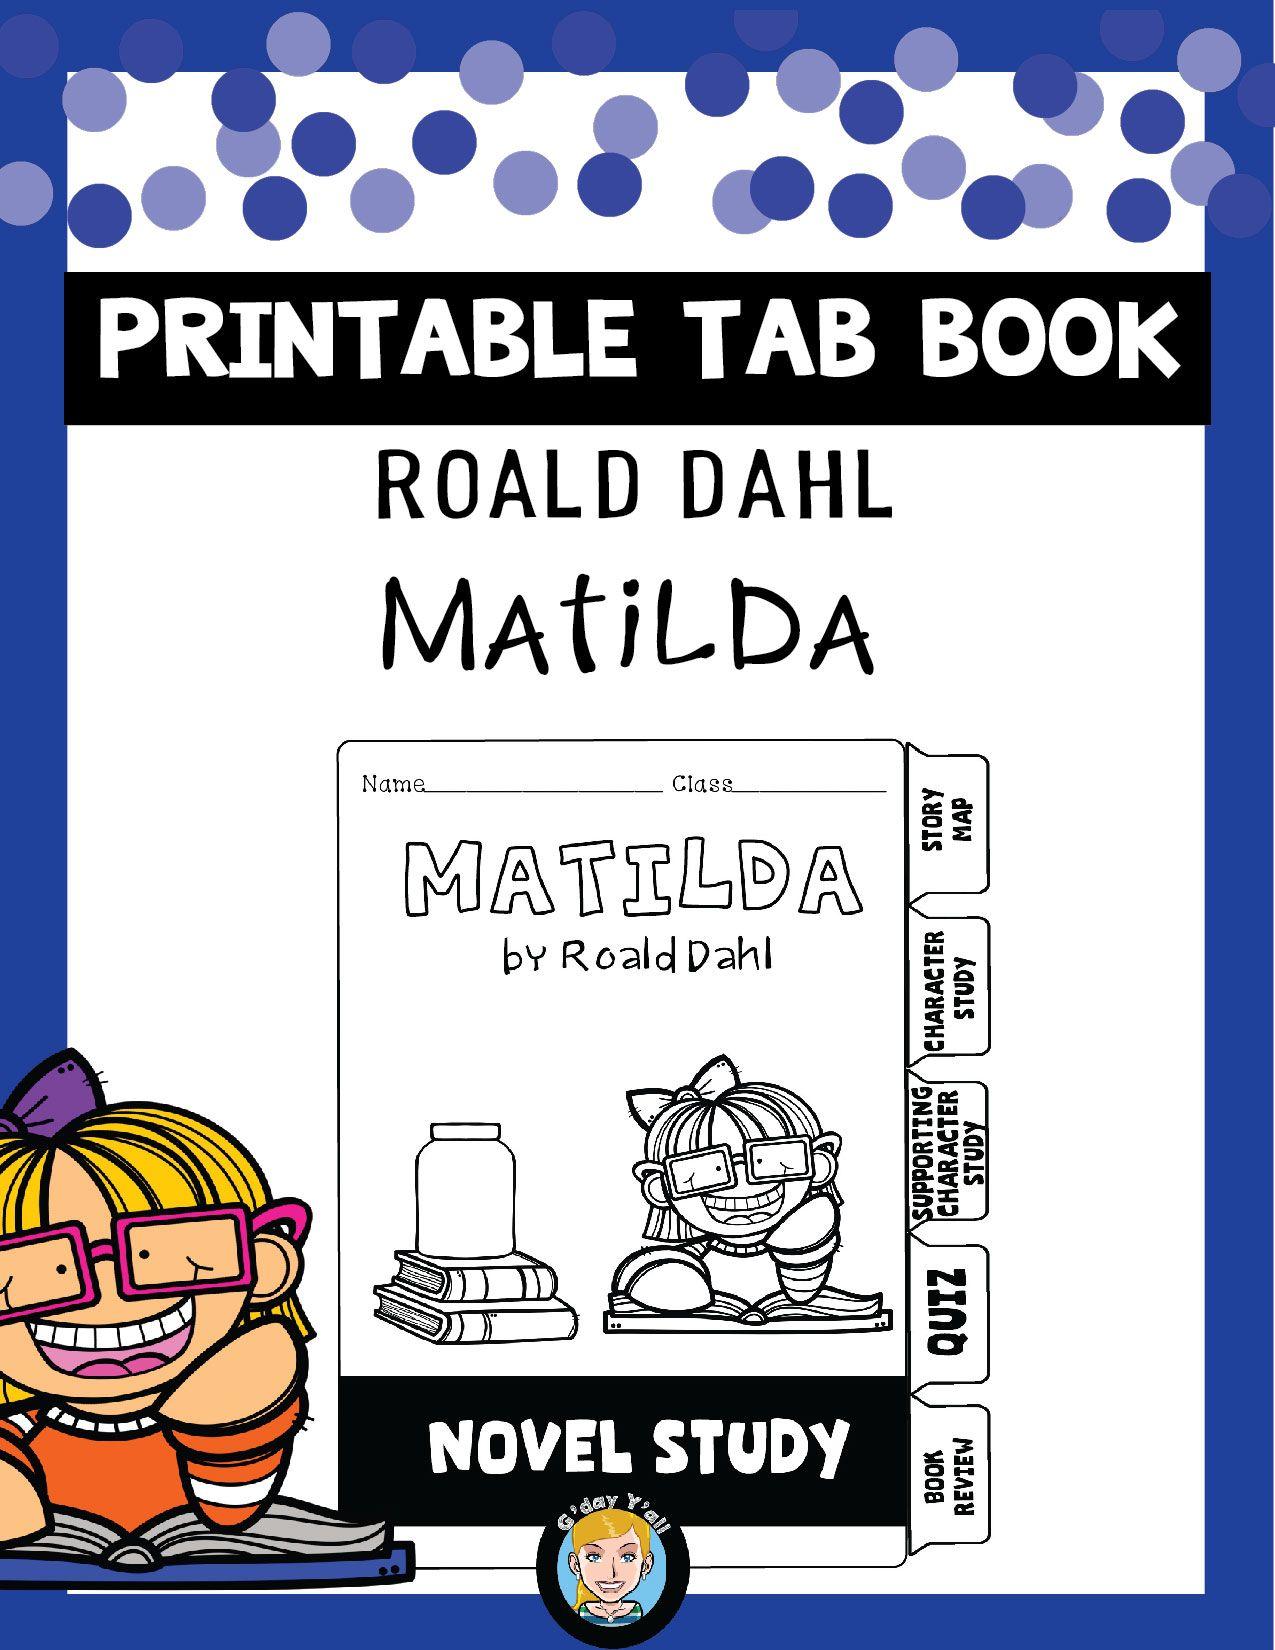 Roald Dahl Matilda With Images